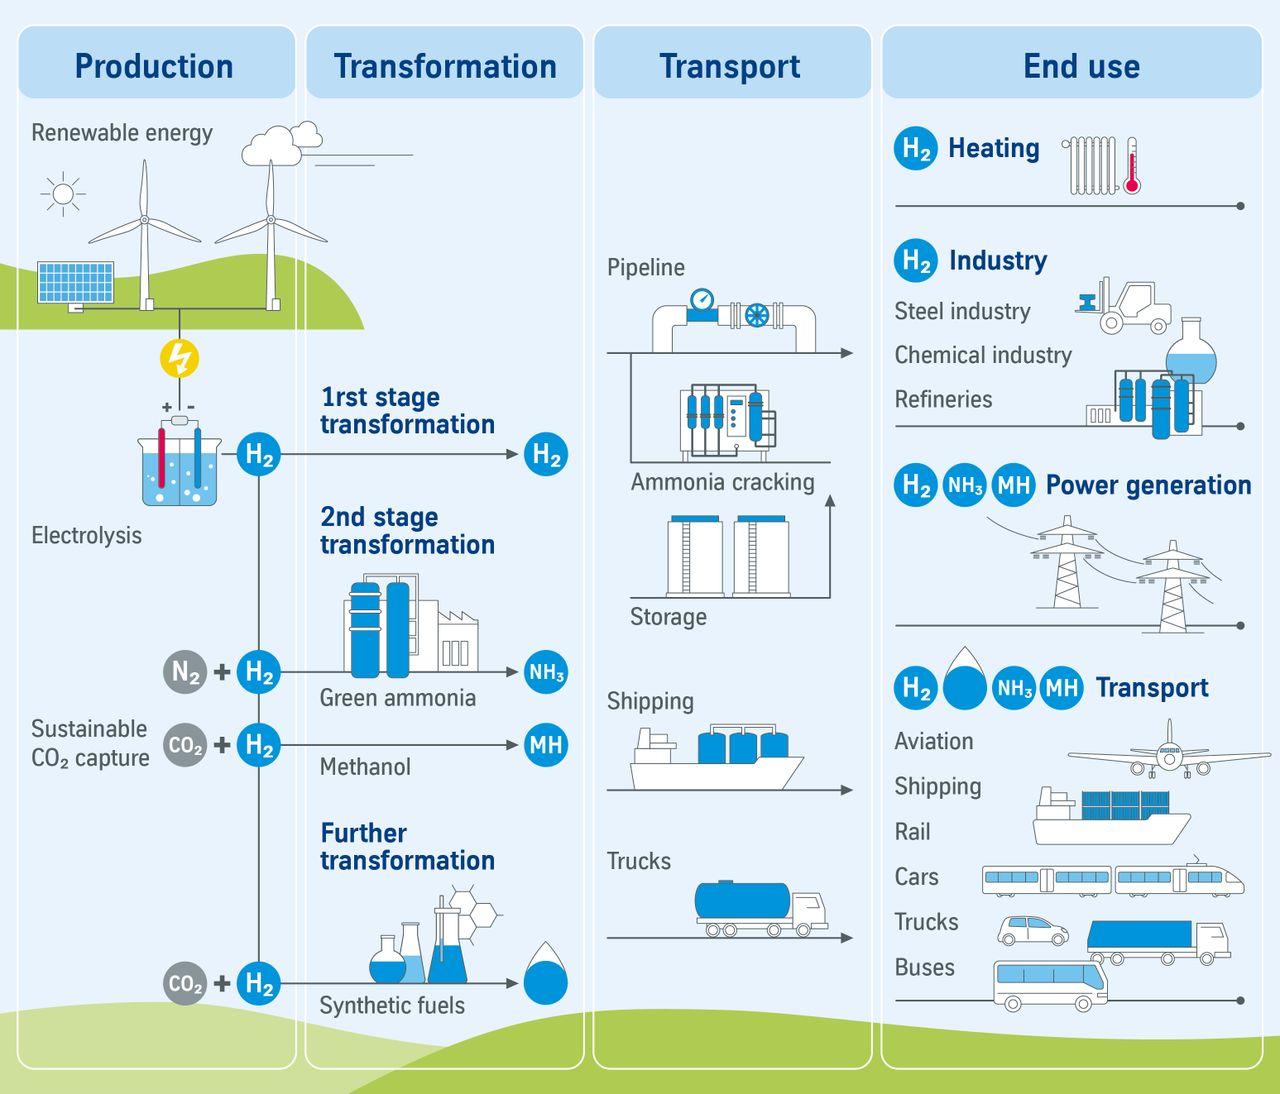 thyssenkrupp, Ammoniak, grün, Industrial Solutions, Anlagen, Industrieanlagen, Ammoniakherstellung, Ammoniakproduktion, Nachhaltigkeit, nachhaltig, Umwelt, umweltschädlich